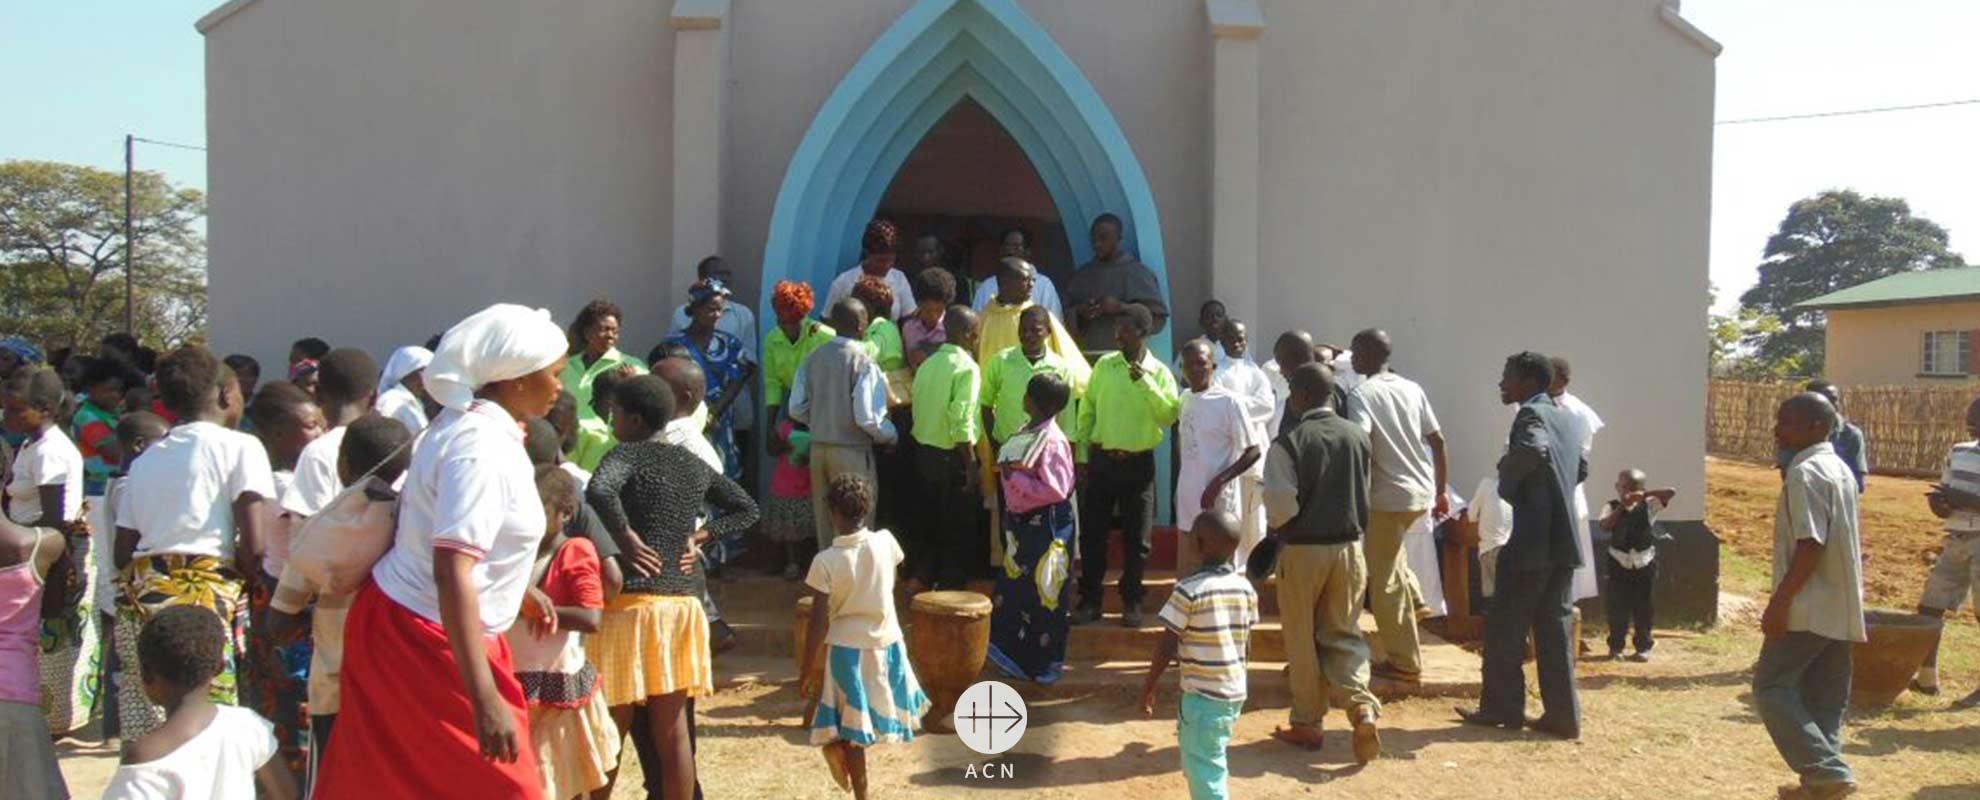 Zambia: un nuevo tejado para la iglesia de la Virgen del Consuelo